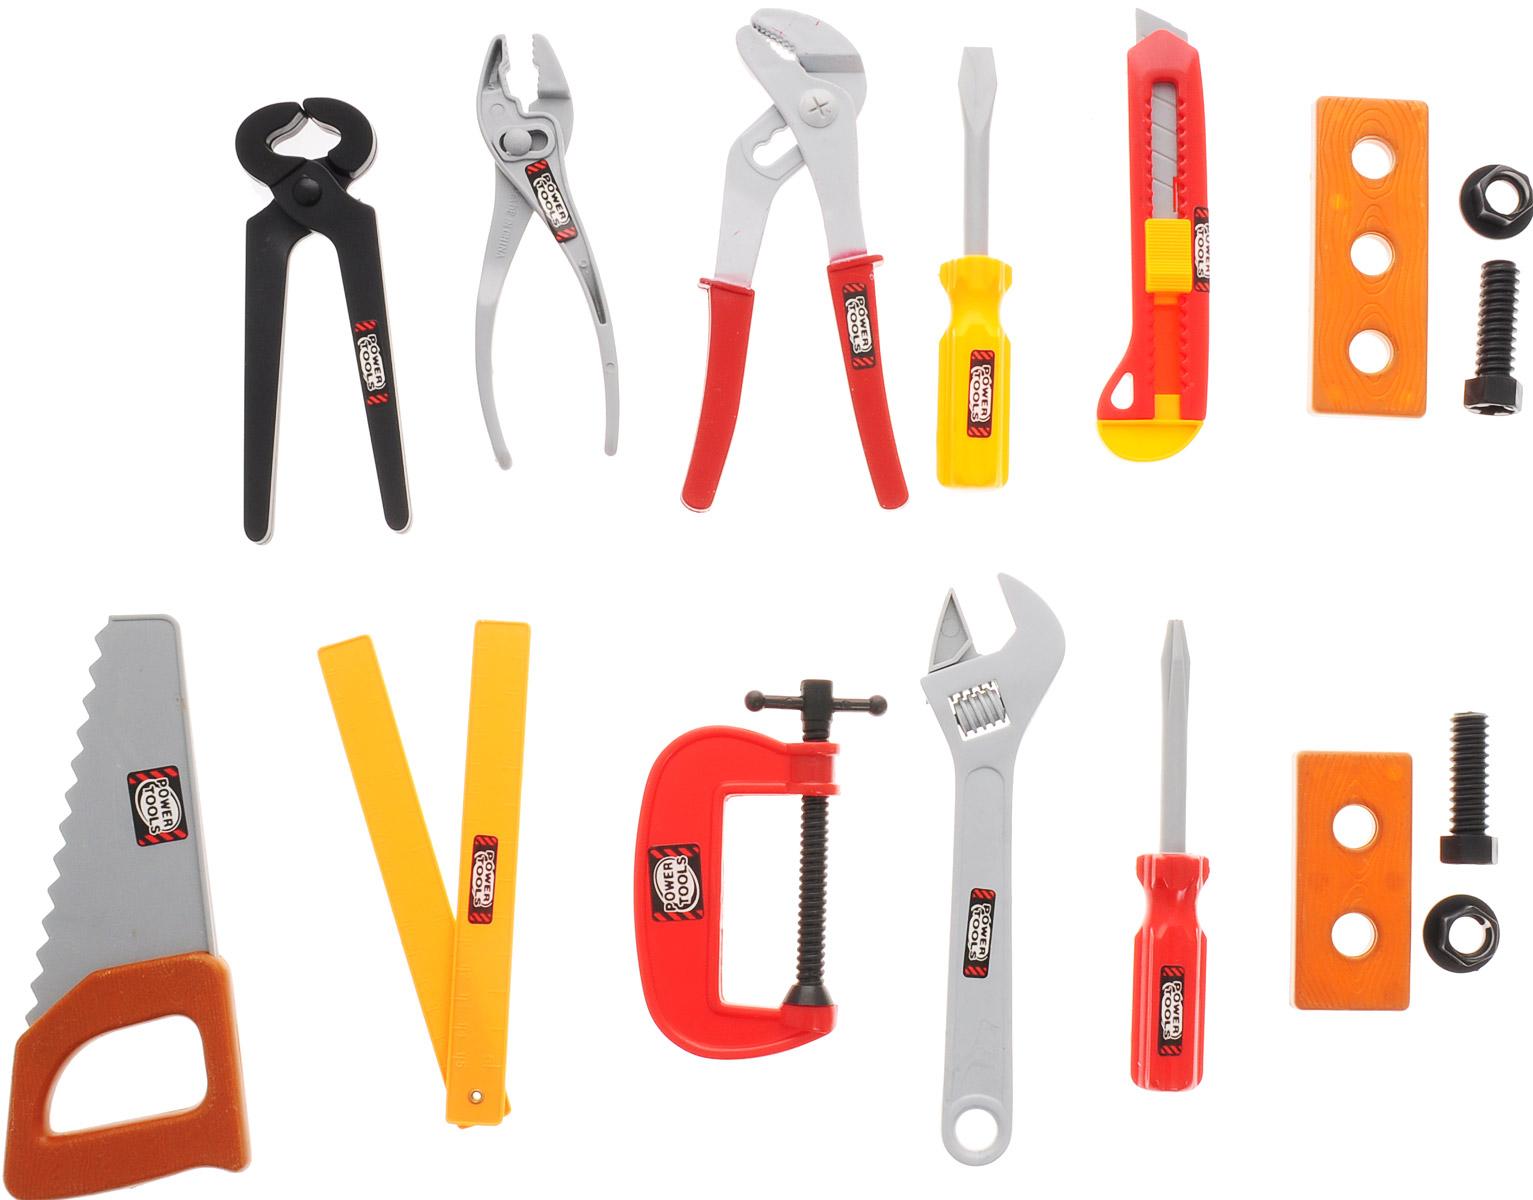 1TOY Игрушечный набор инструментов Профи мастер 11 предметов набор инструментов 1toy пингвинёнок пороро 7 пр